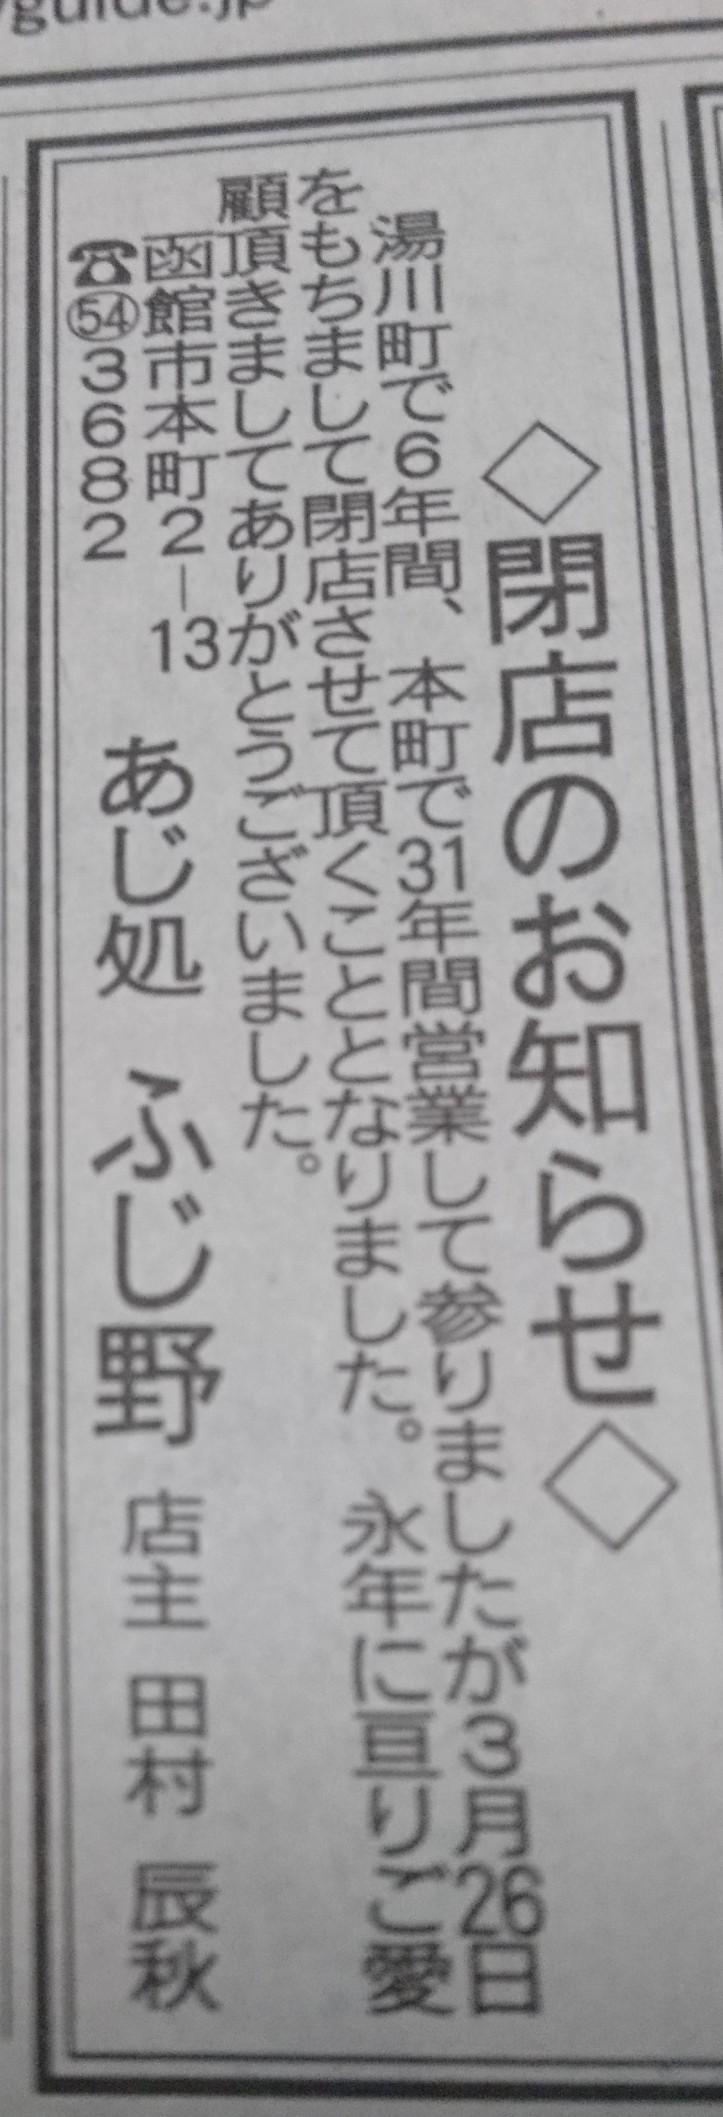 あじ処ふじ野、閉店のお知らせ_b0106766_06230917.jpg